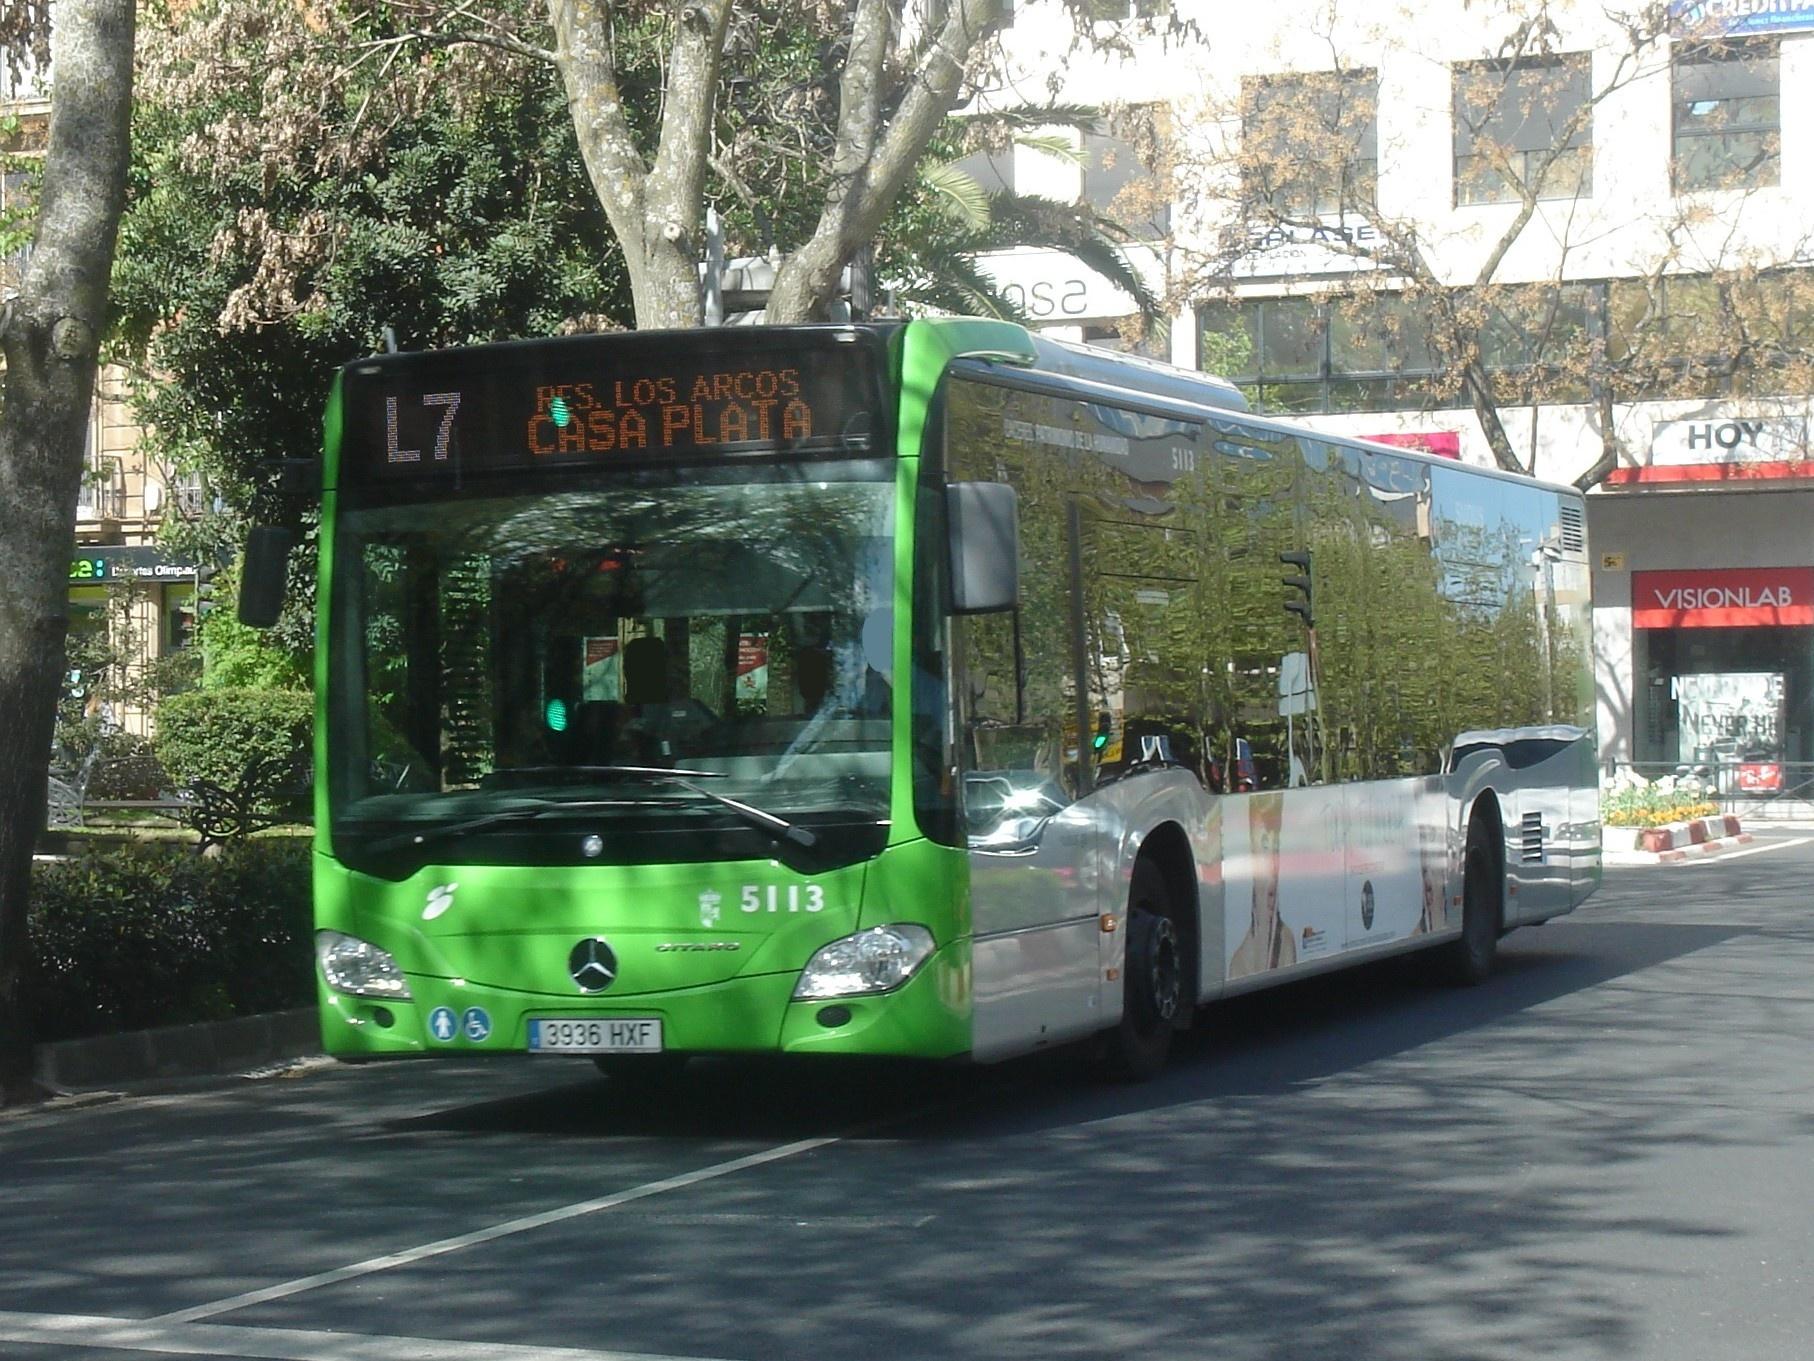 Renovaci n de la red y flota de autobuses urbanos de for Pisos nuevos en caceres